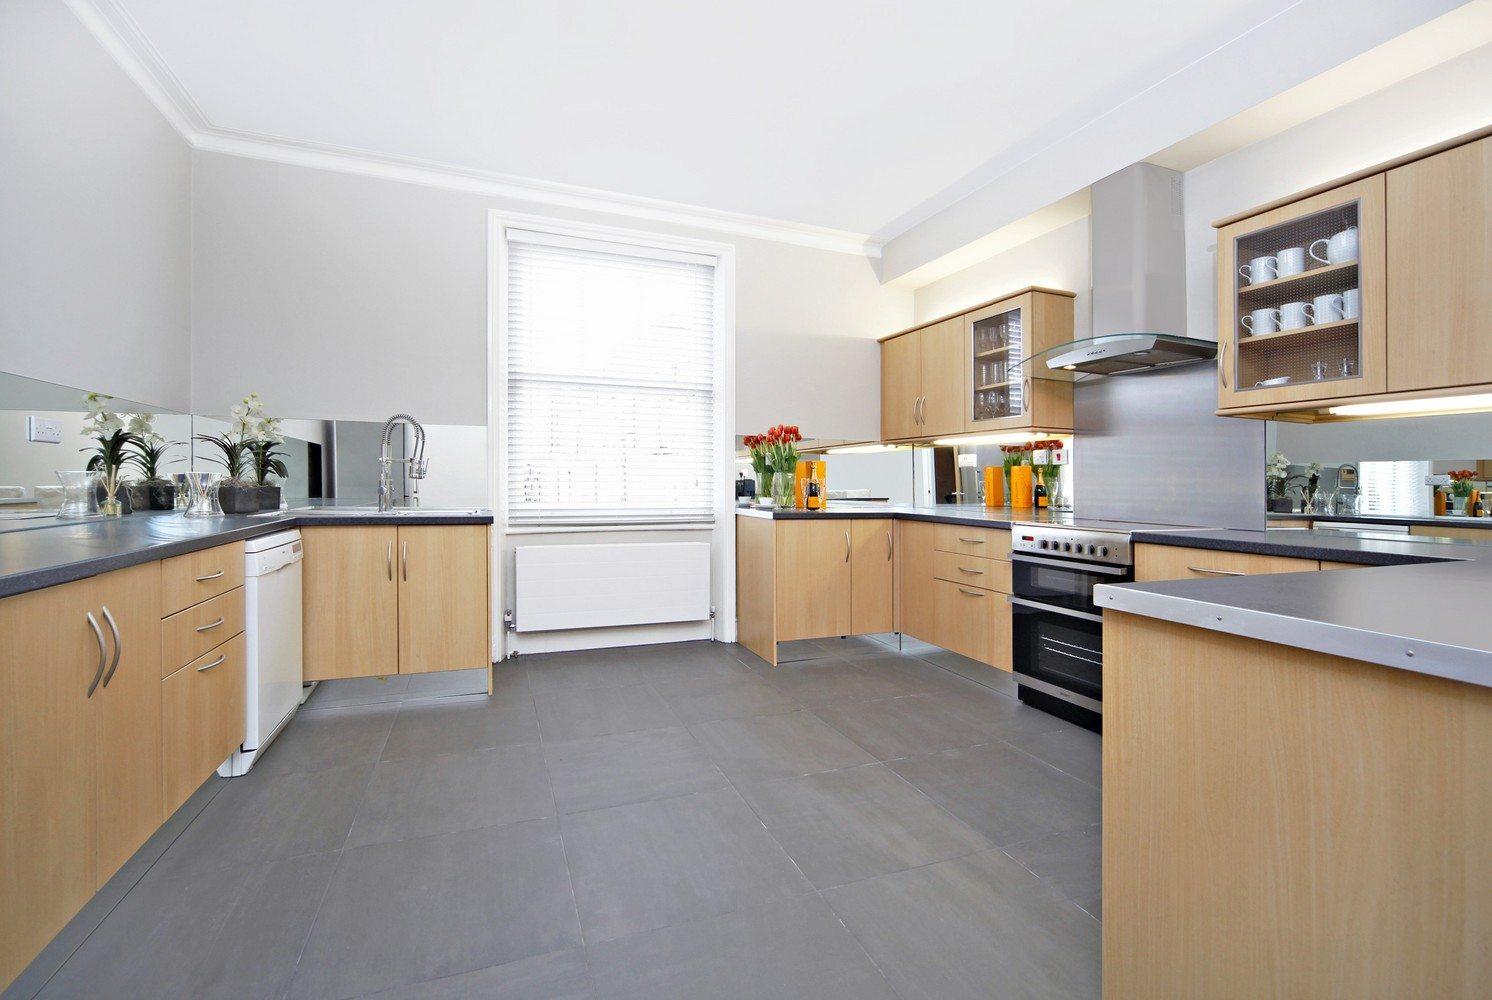 Luxury-Apartments-South-Kensington---Southwell-Gardens-Spacious-Kitchen